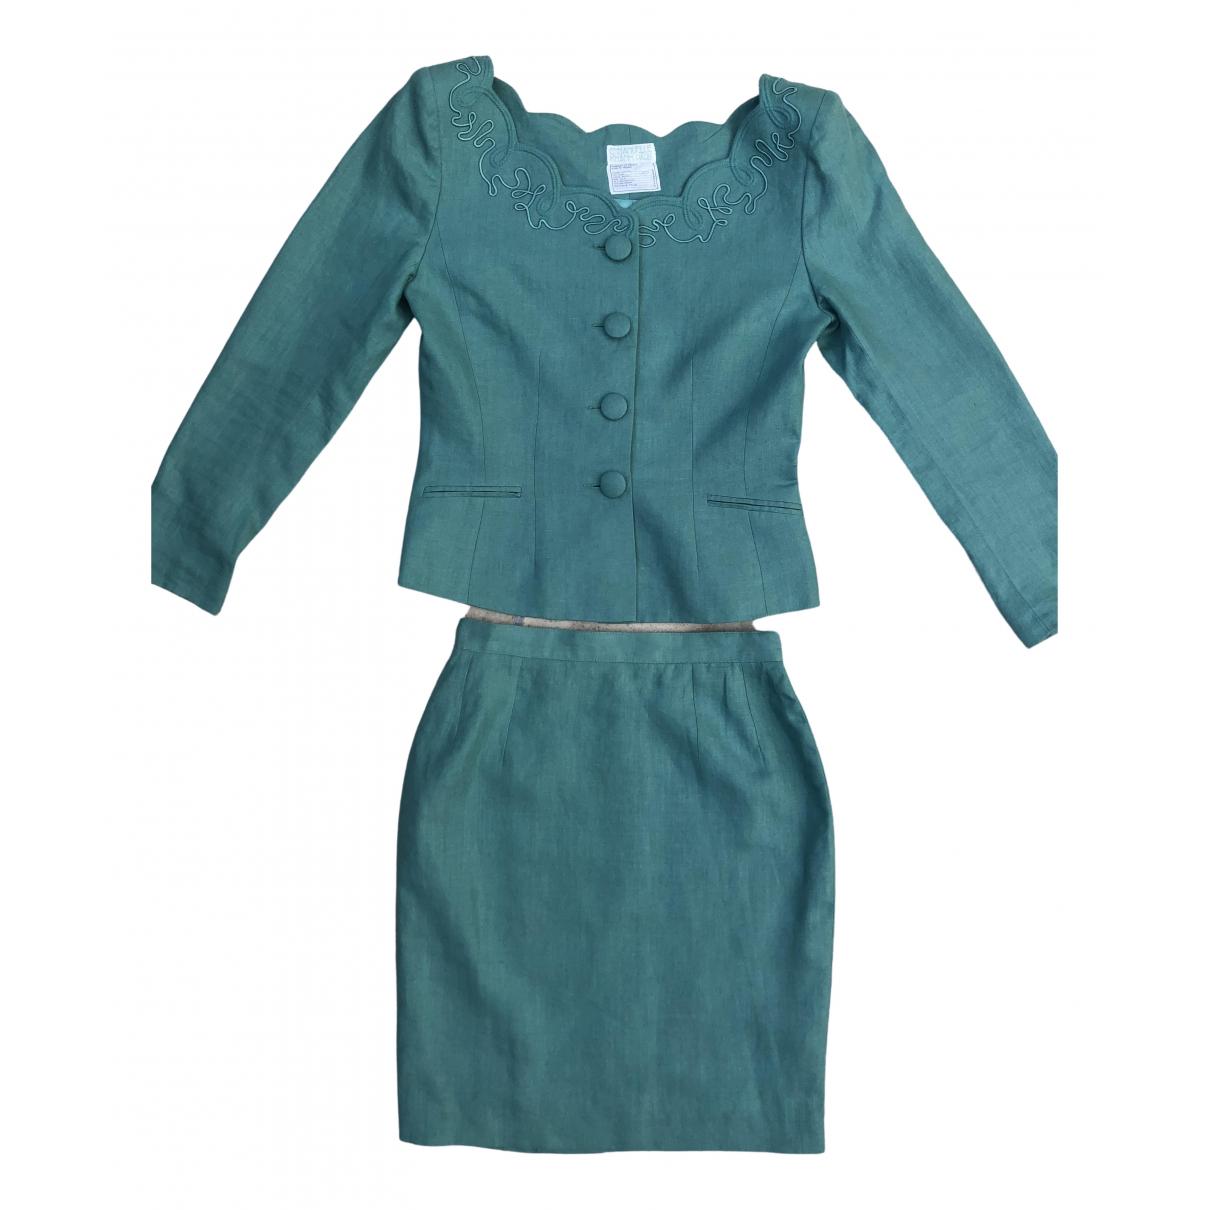 Emmanuelle Khanh - Veste   pour femme en lin - turquoise